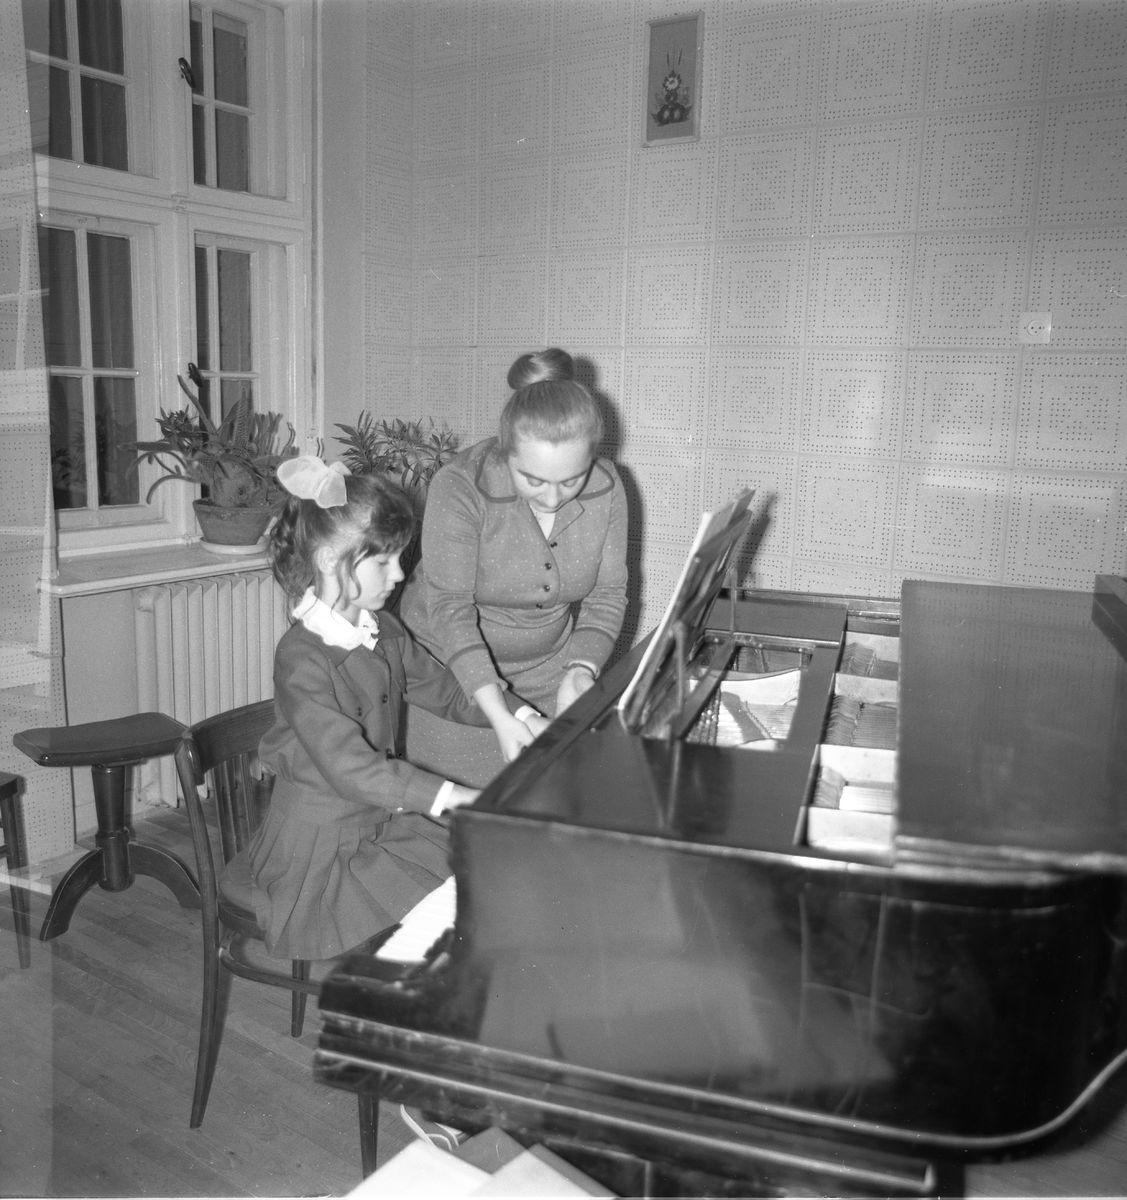 Zajęcia w szkole muzycznej [5]